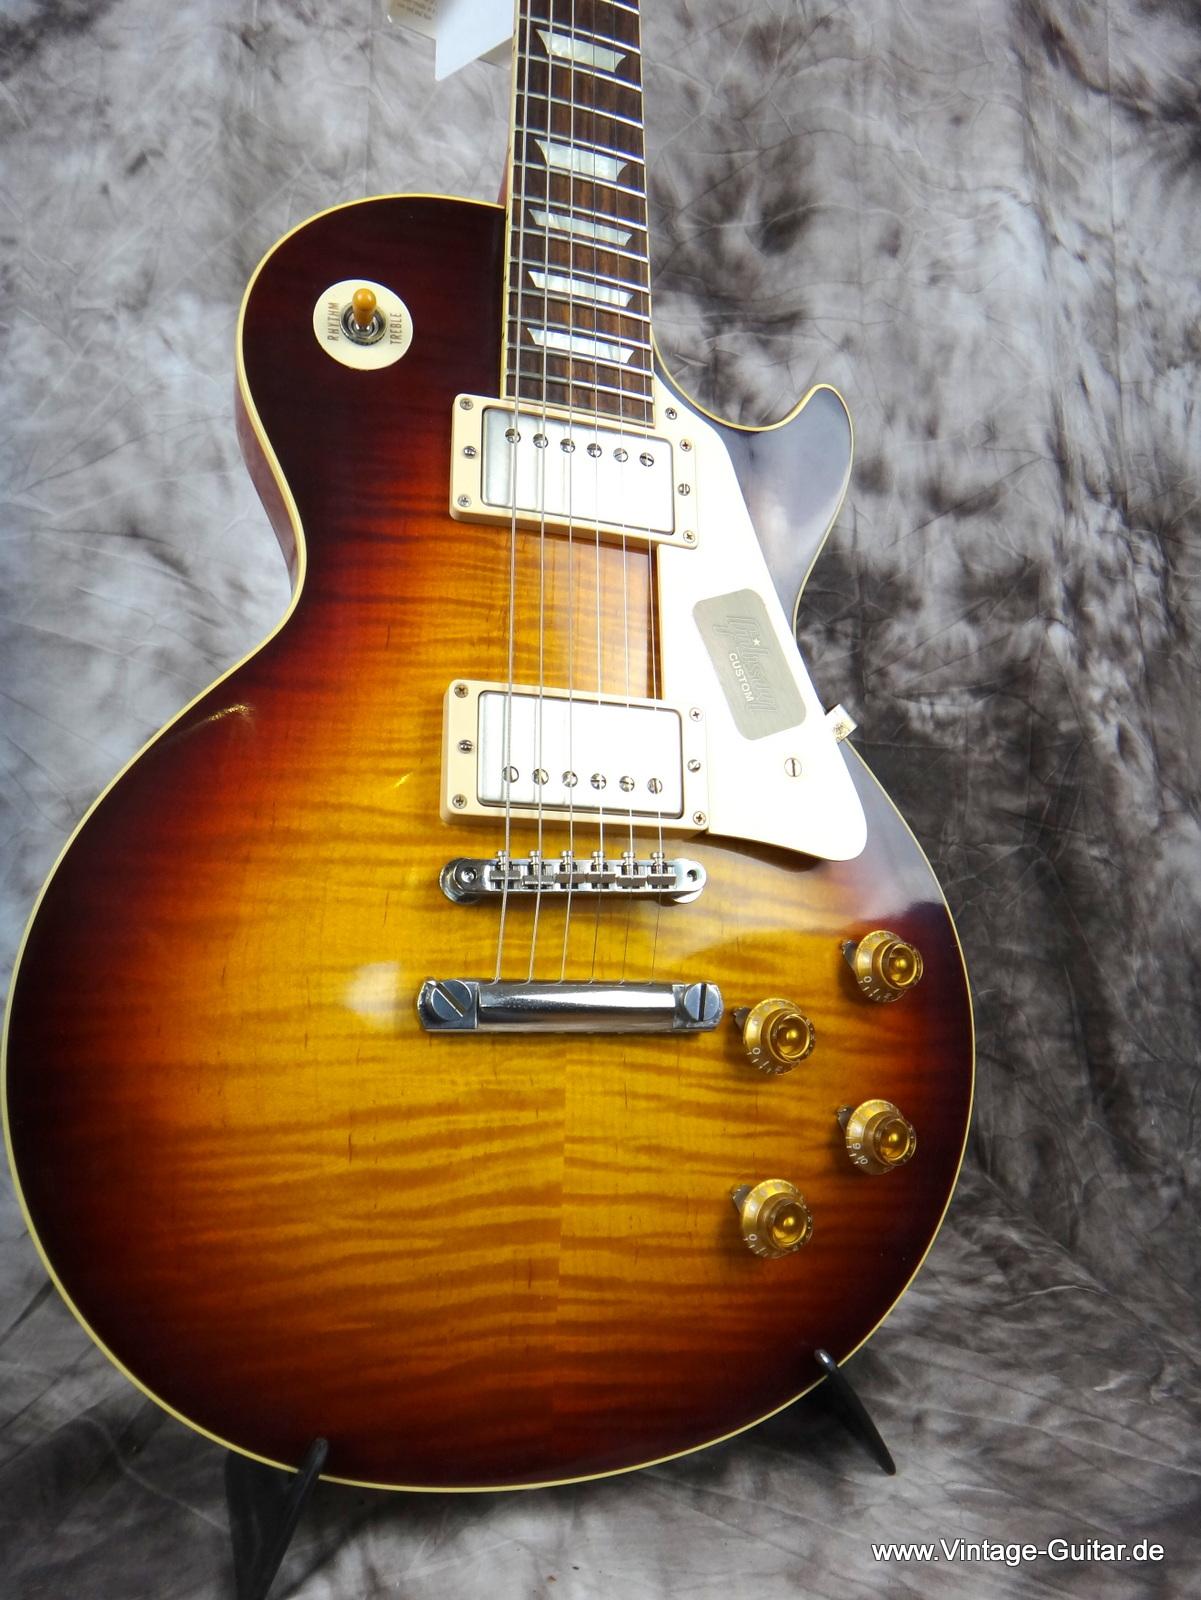 gibson les paul 1959 reissue 2013 faded tobacco sunburst guitar for sale vintage guitar oldenburg. Black Bedroom Furniture Sets. Home Design Ideas